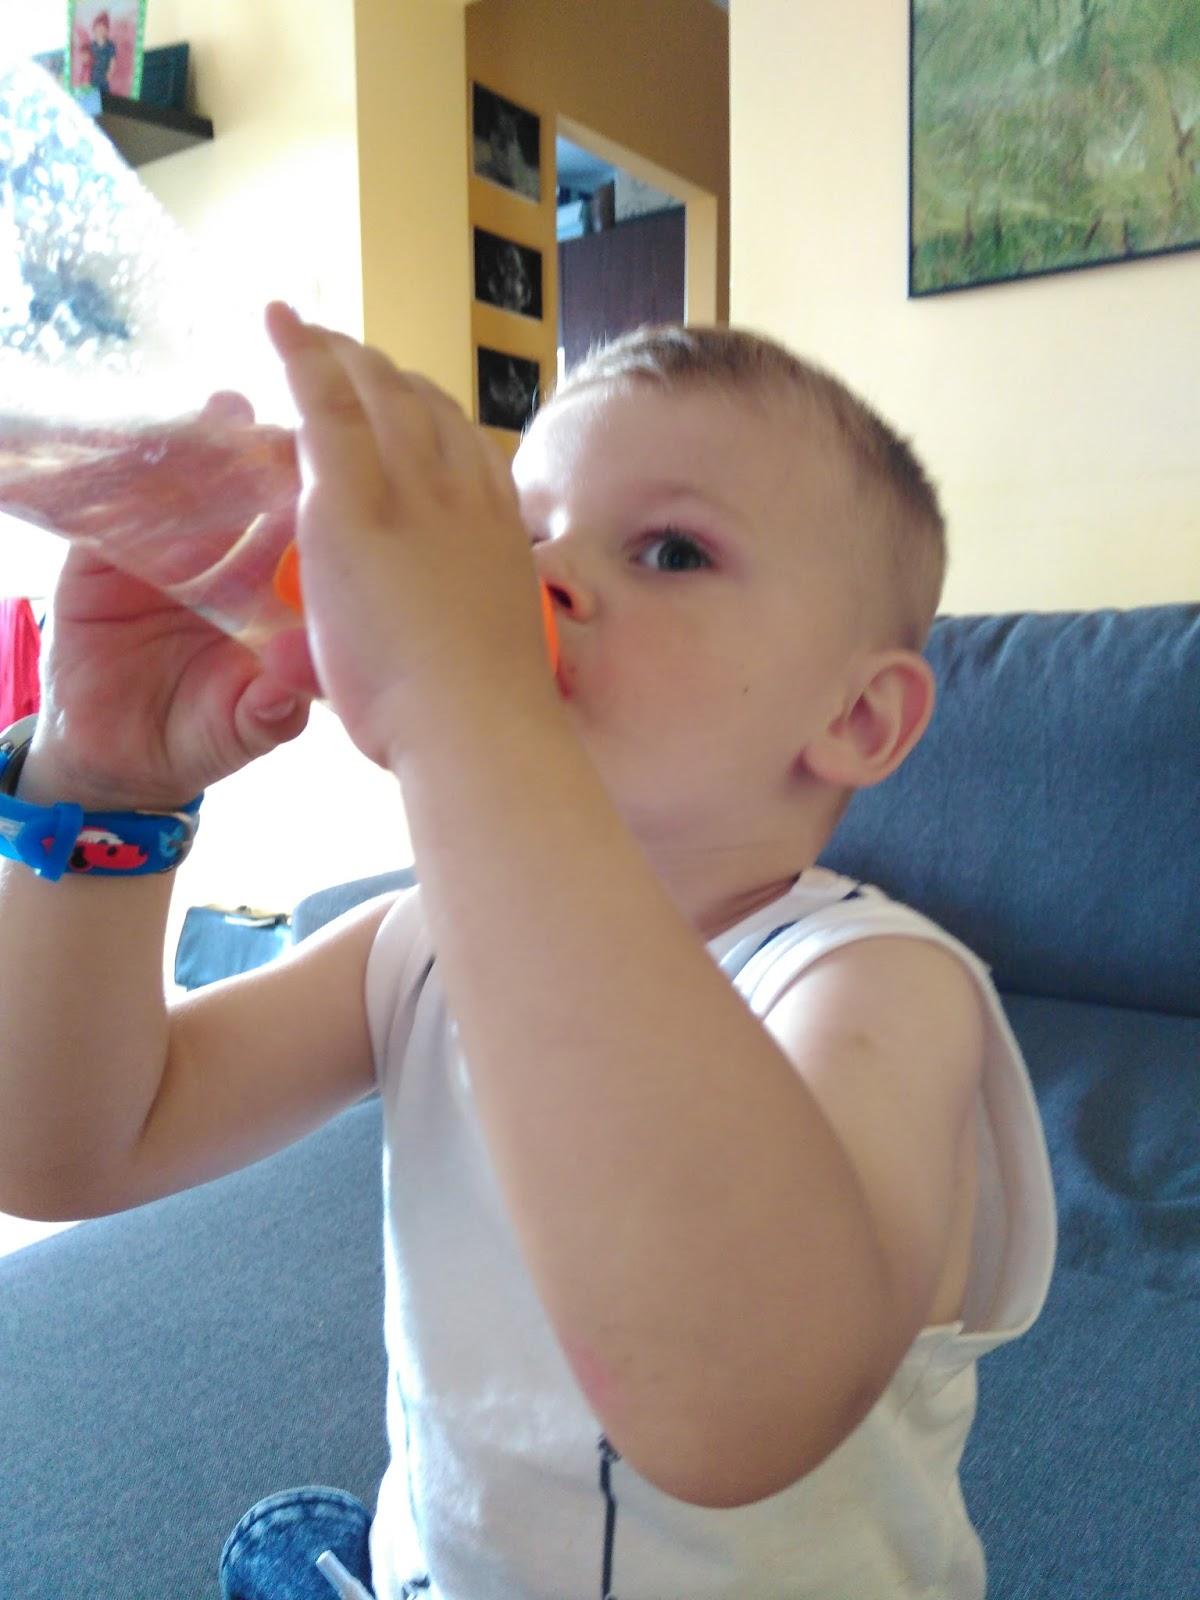 ja nauczyć dziecko pić wodę